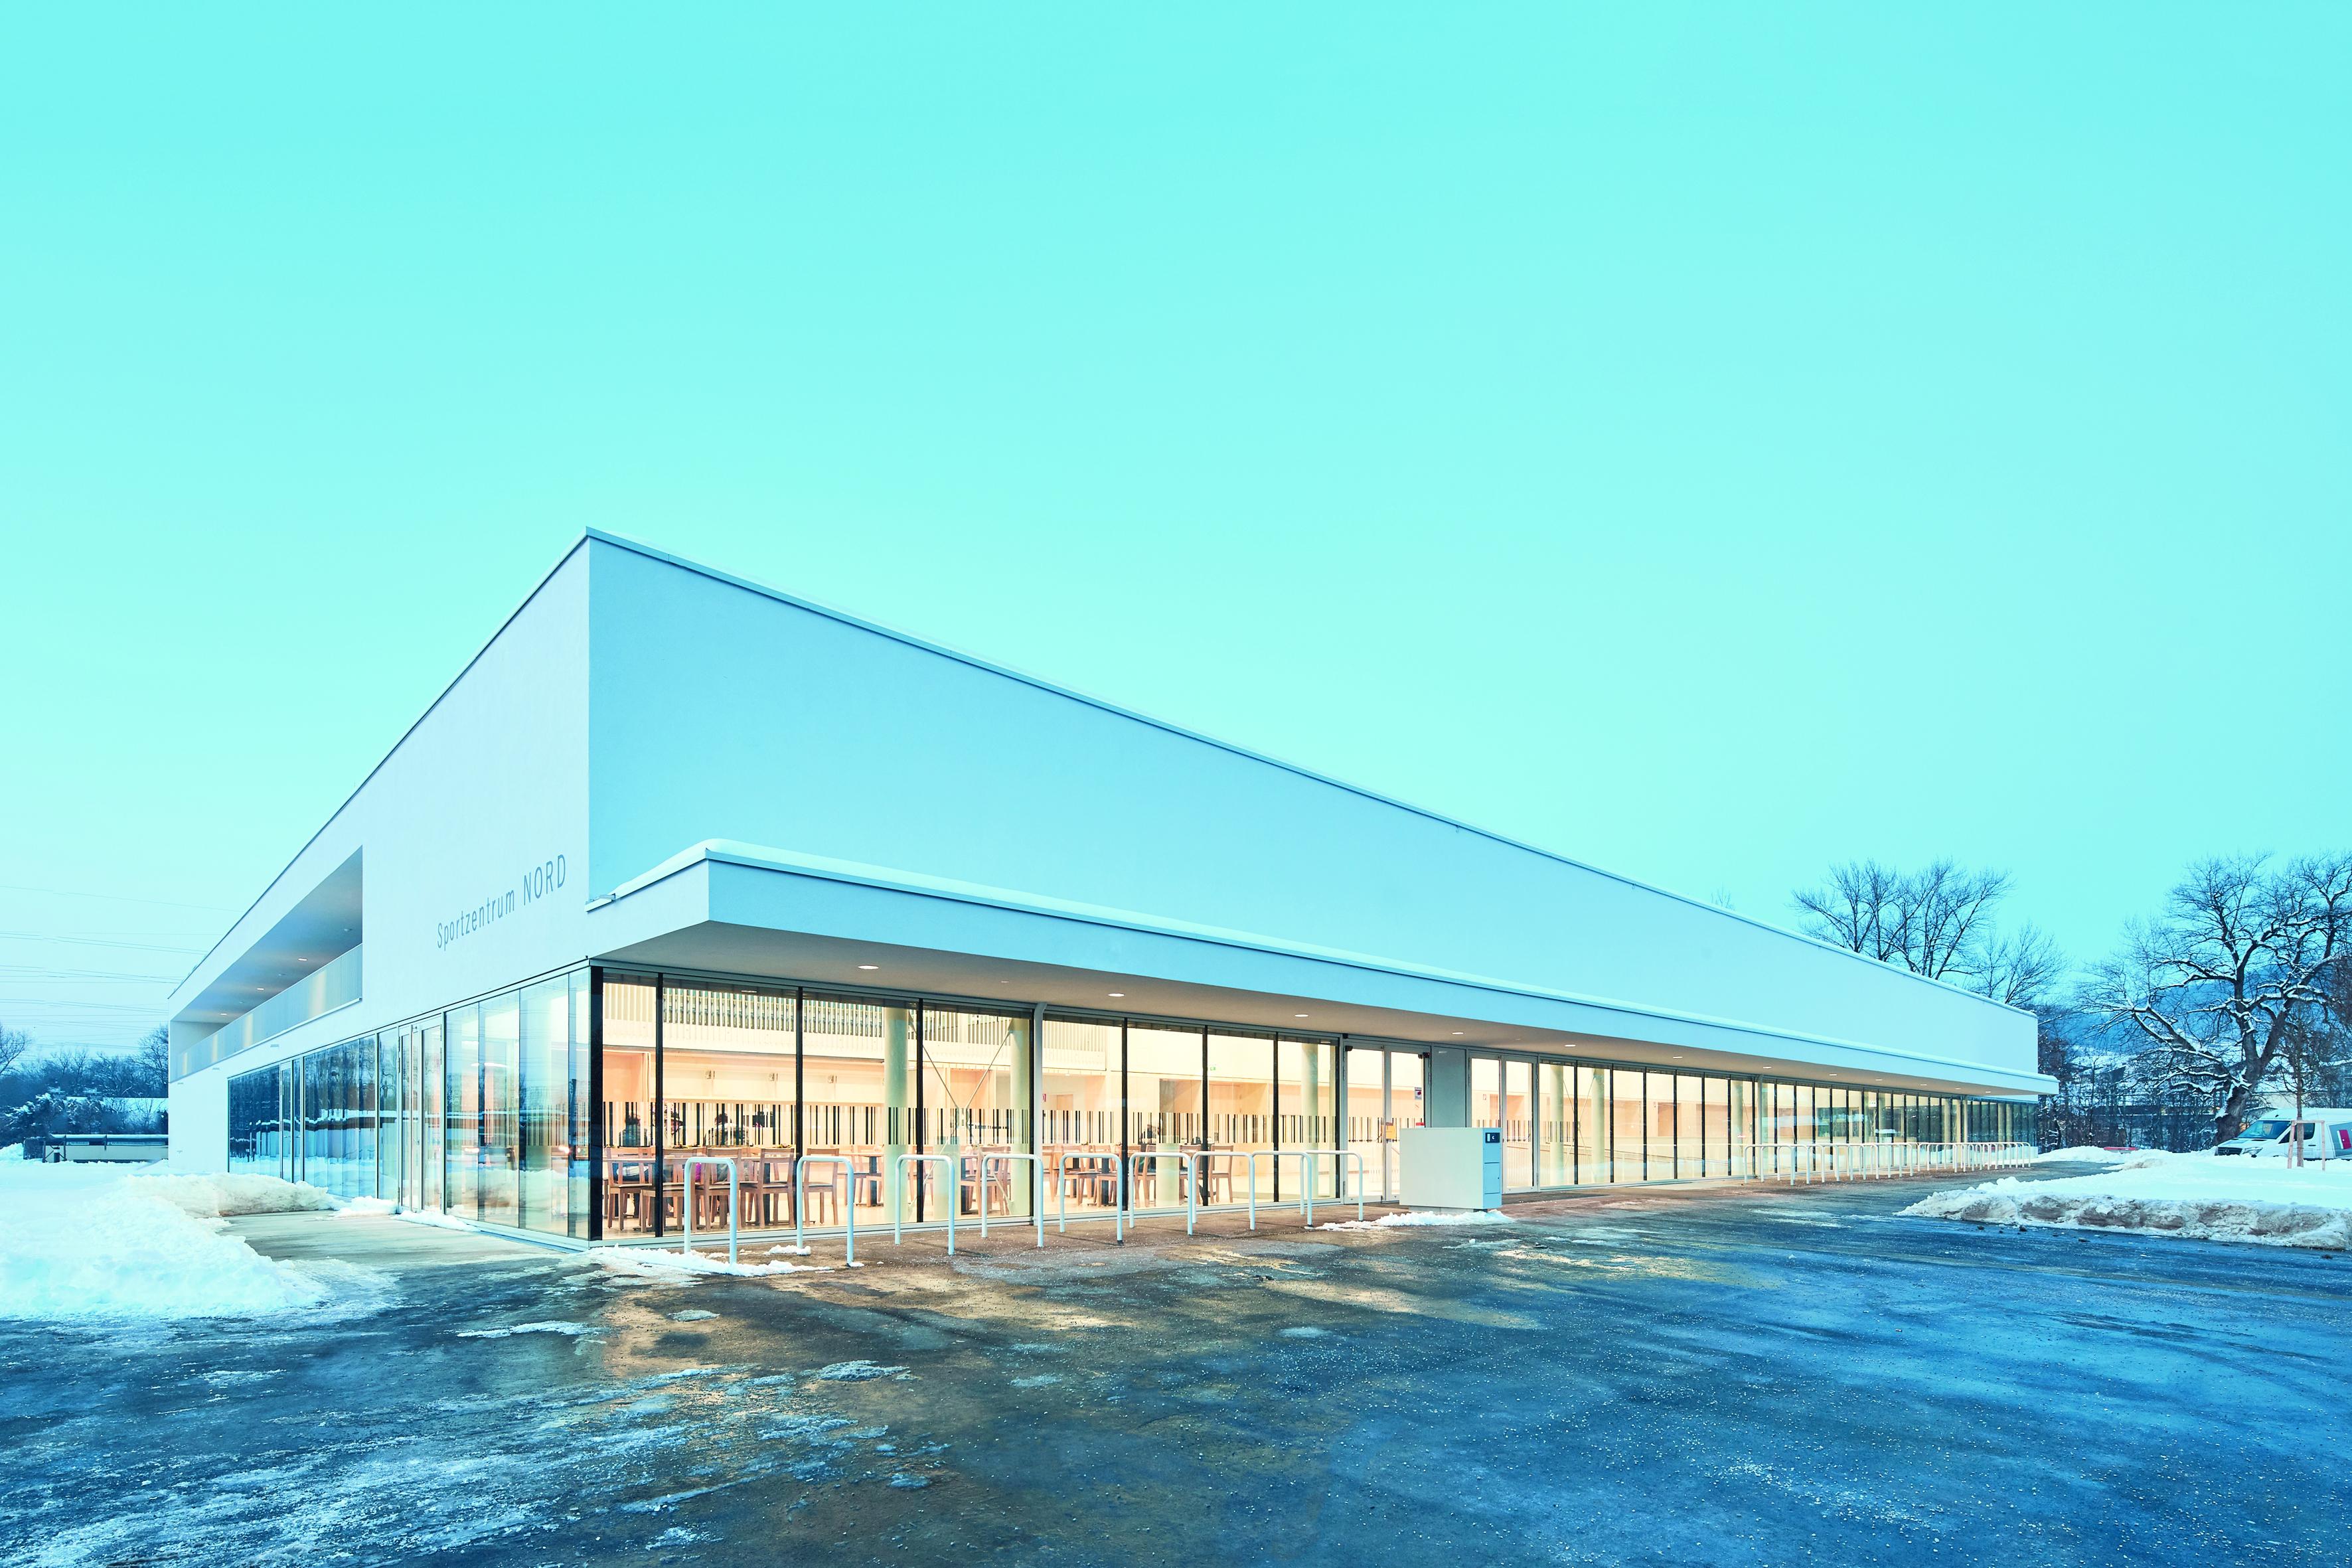 Sportzentrum Nord Liefering Salzburg Schnee Winter